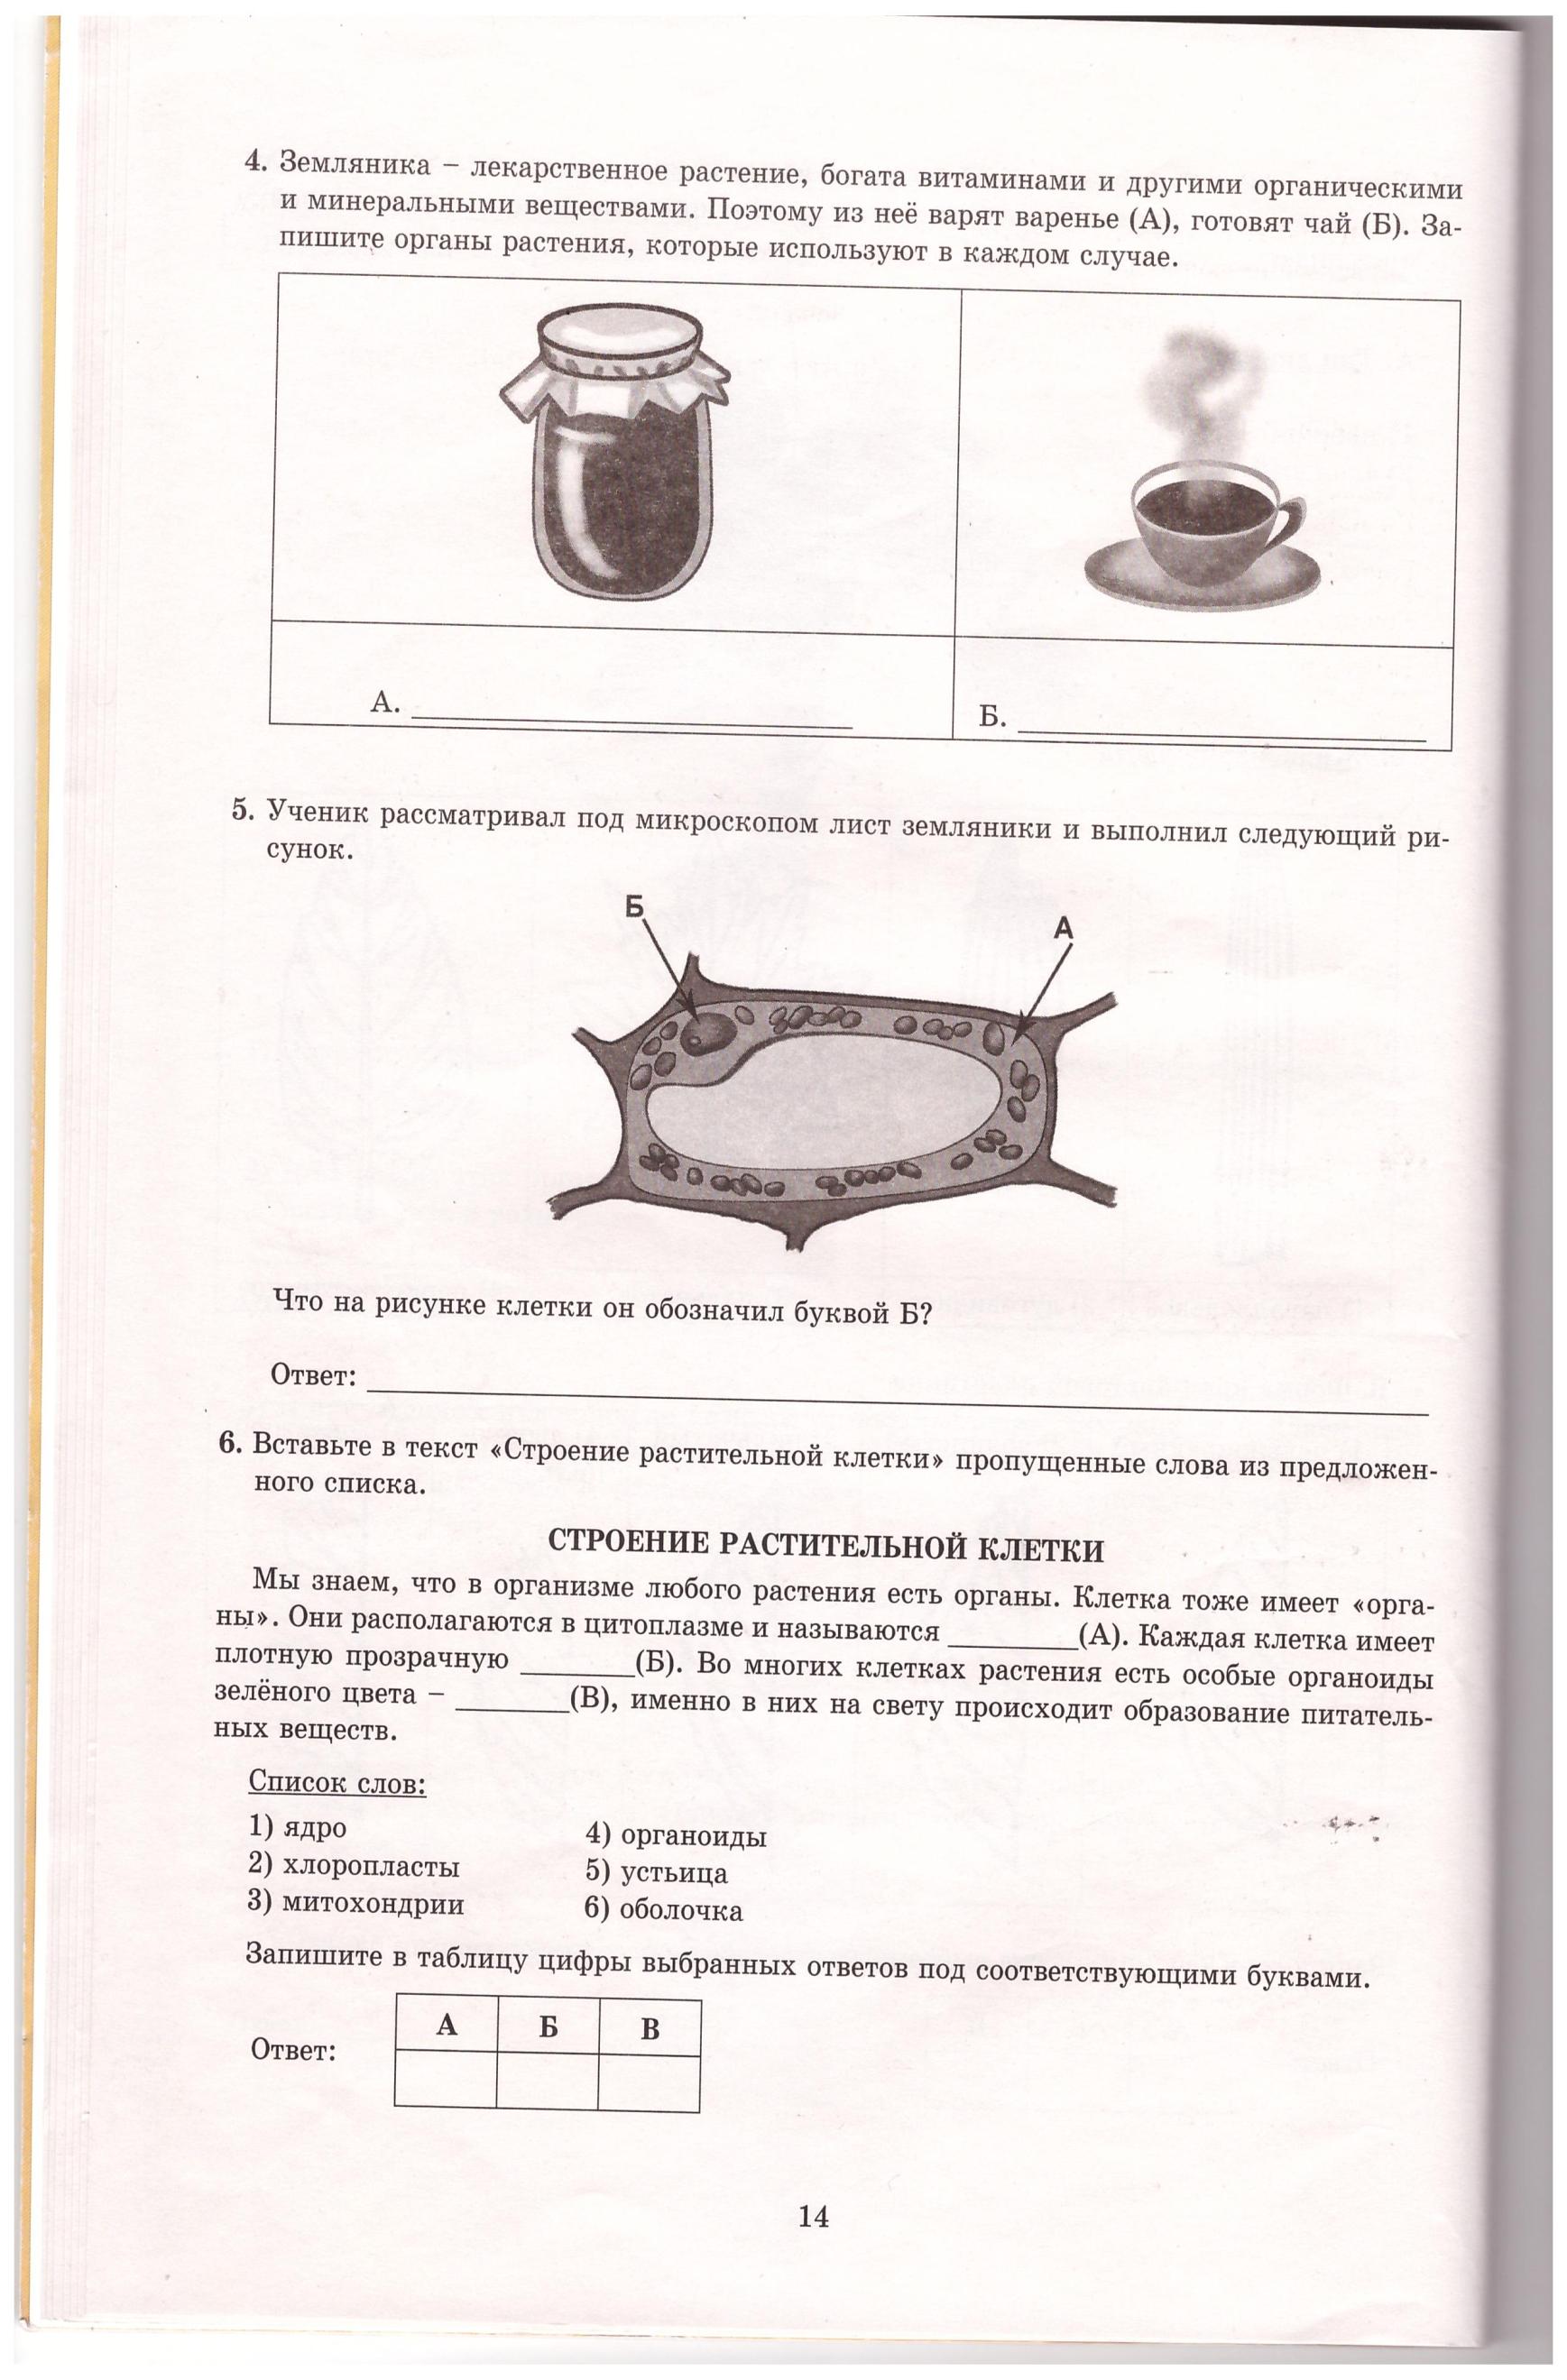 ВПР биология класс вариант  hello html m6f2d9869 png